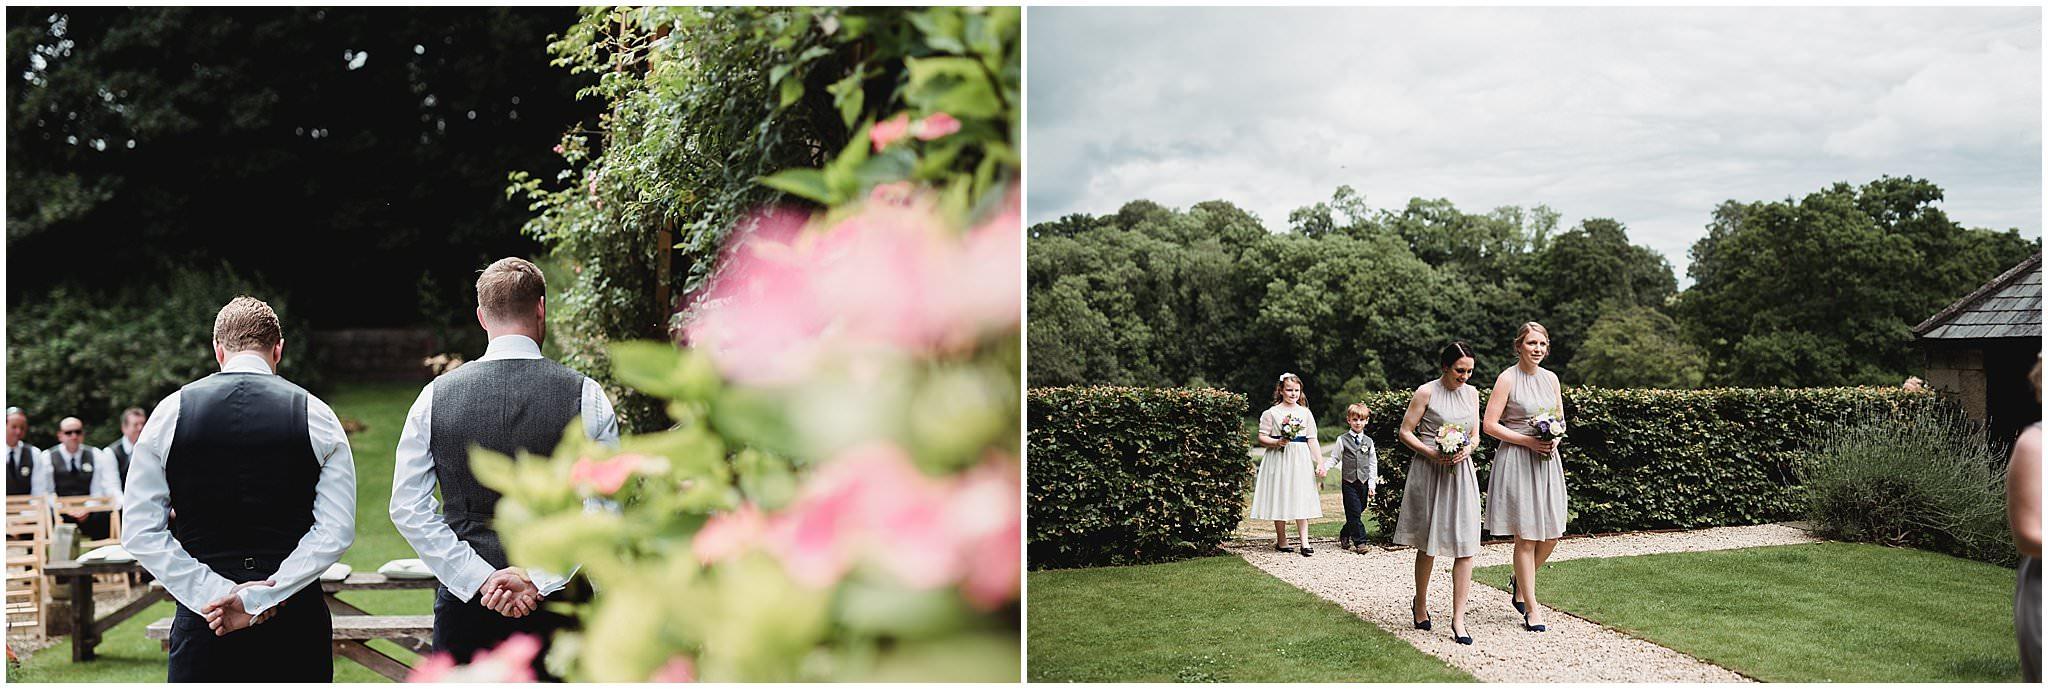 fay & tim wedding at ashley wood farm_0459